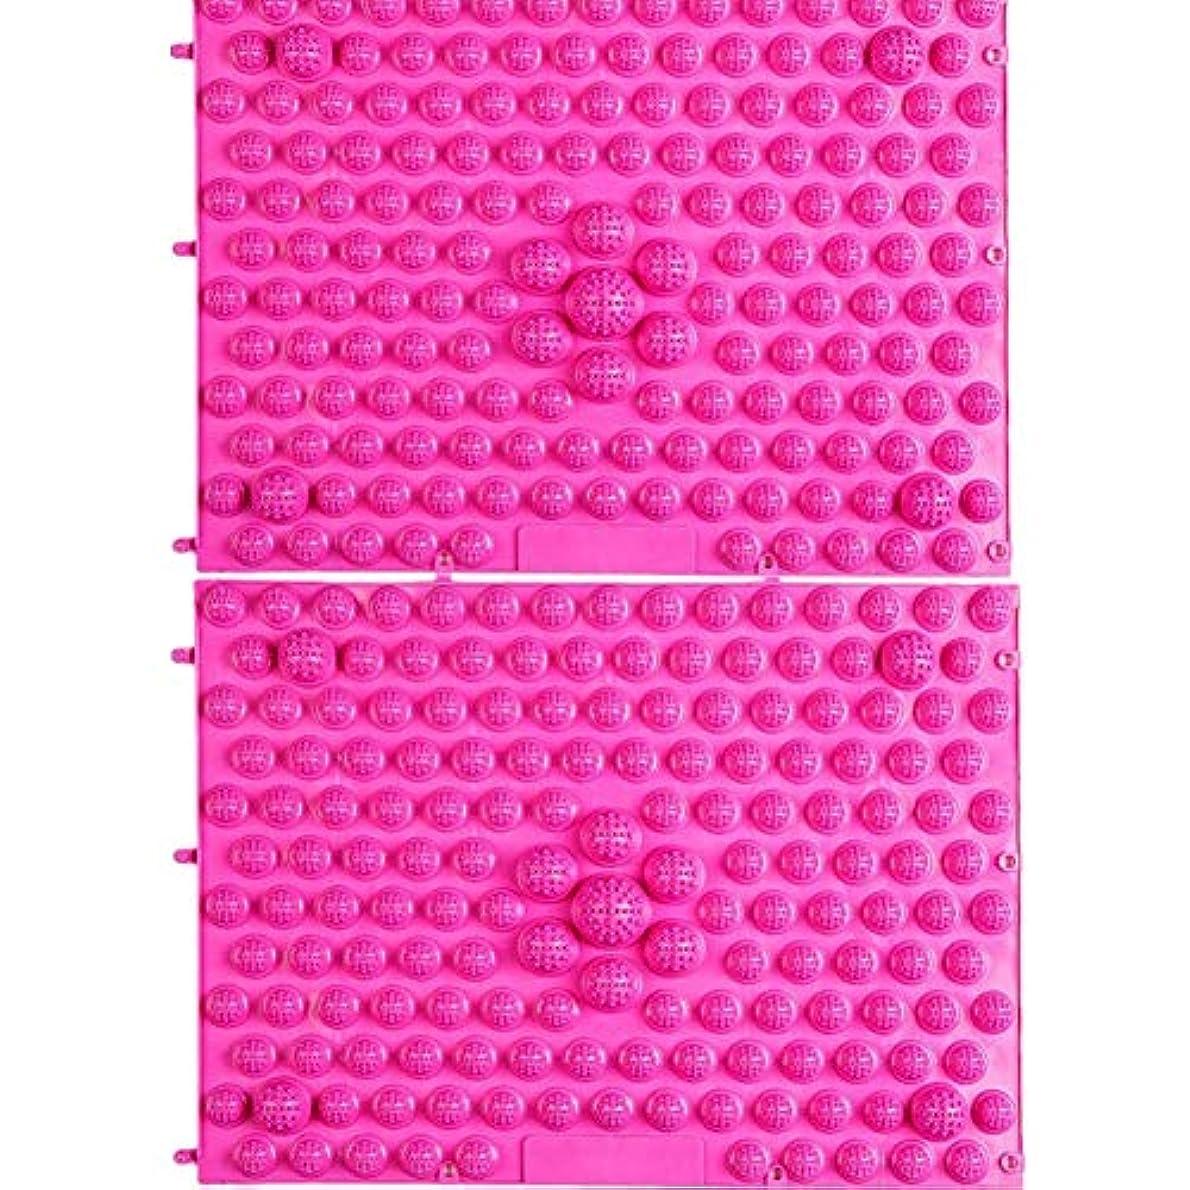 強制家畜応答wompolle マッサージ?ツボ押しグッズ 生活に刺激と健康を!足つぼキャニオンマット マッサージ屋さんの健康マット ドラゴンマット 足踏み 足ツボ 2枚組 (Pink)